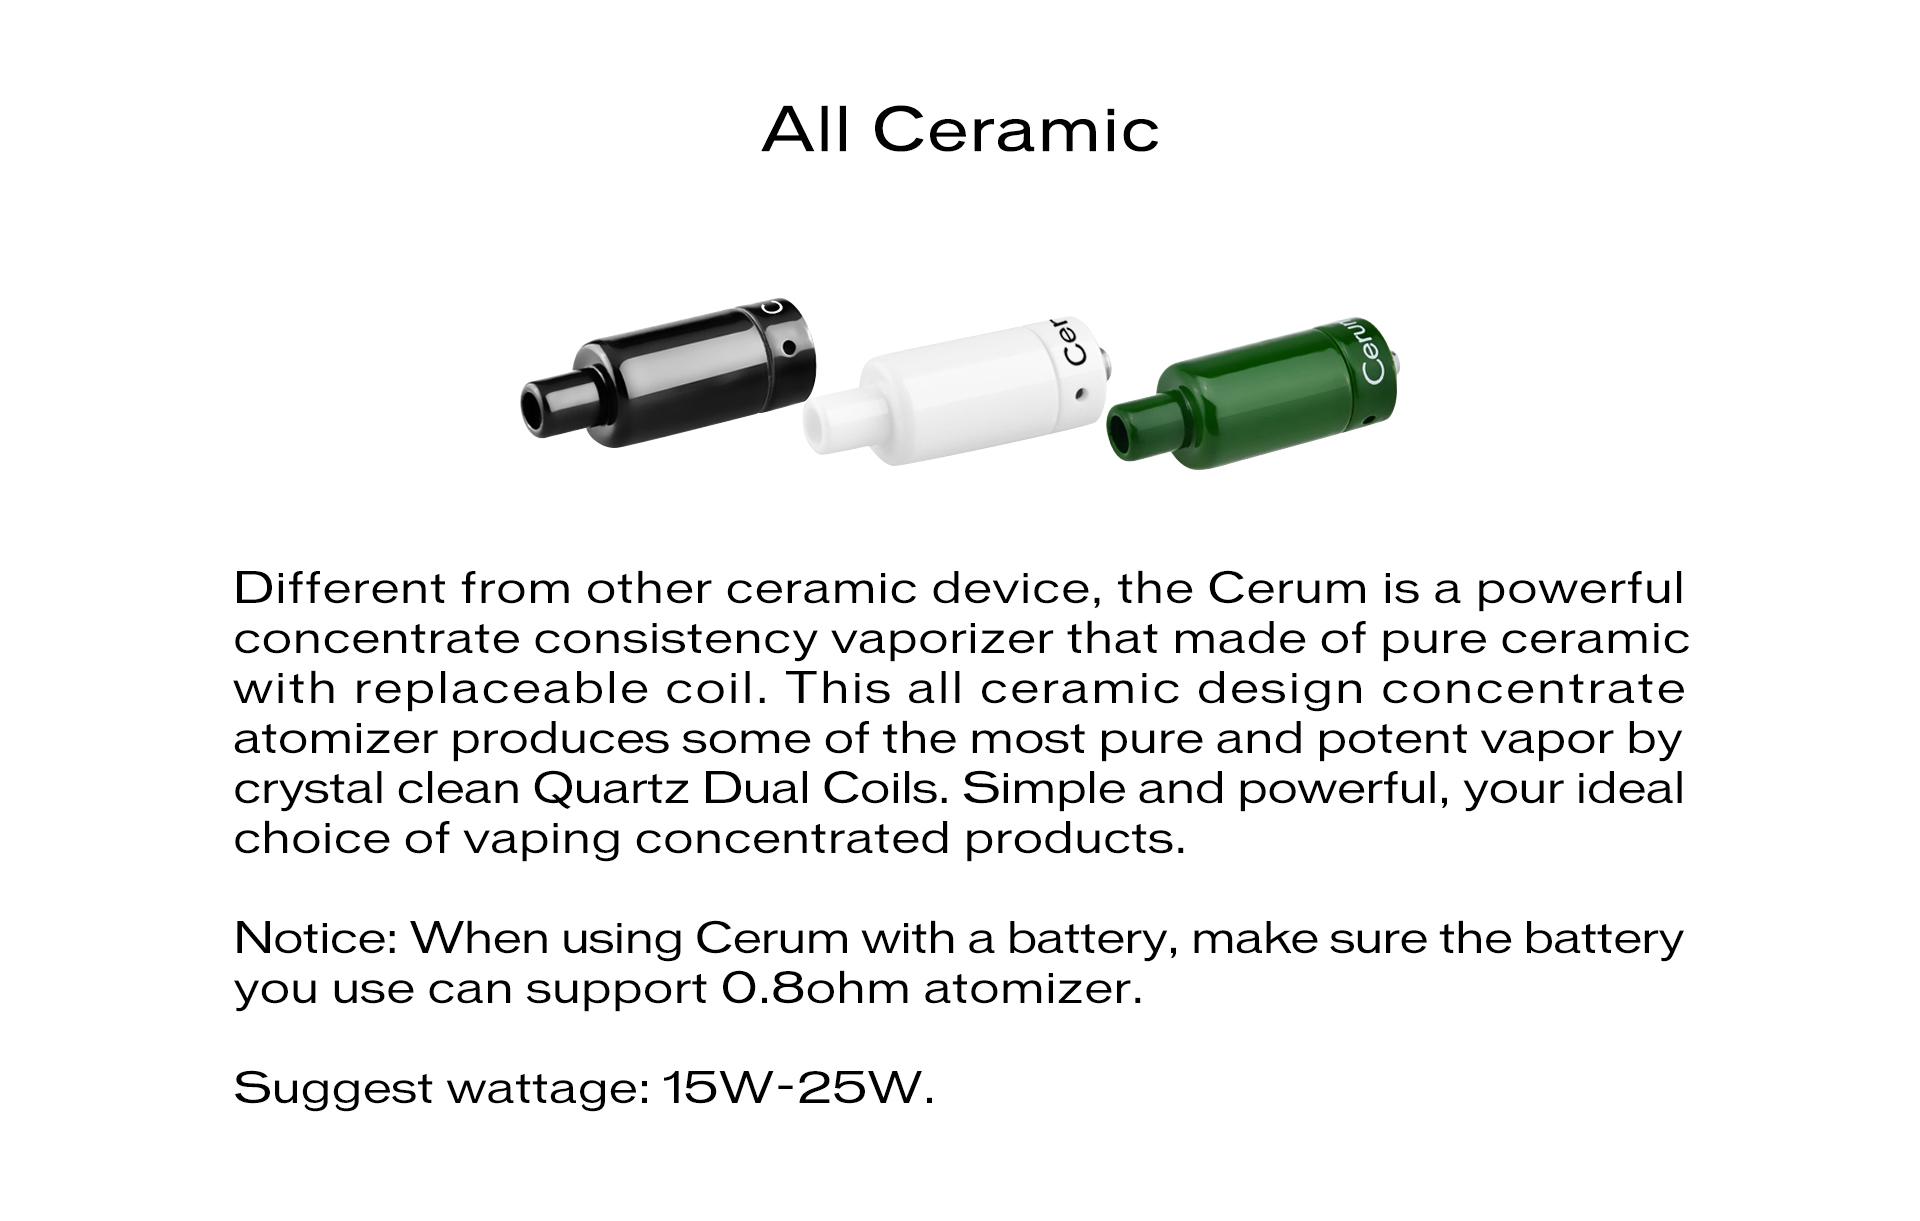 Yocan Cerum Ceramic Wax Atomizer with Quartz Dual Coil (QDC)